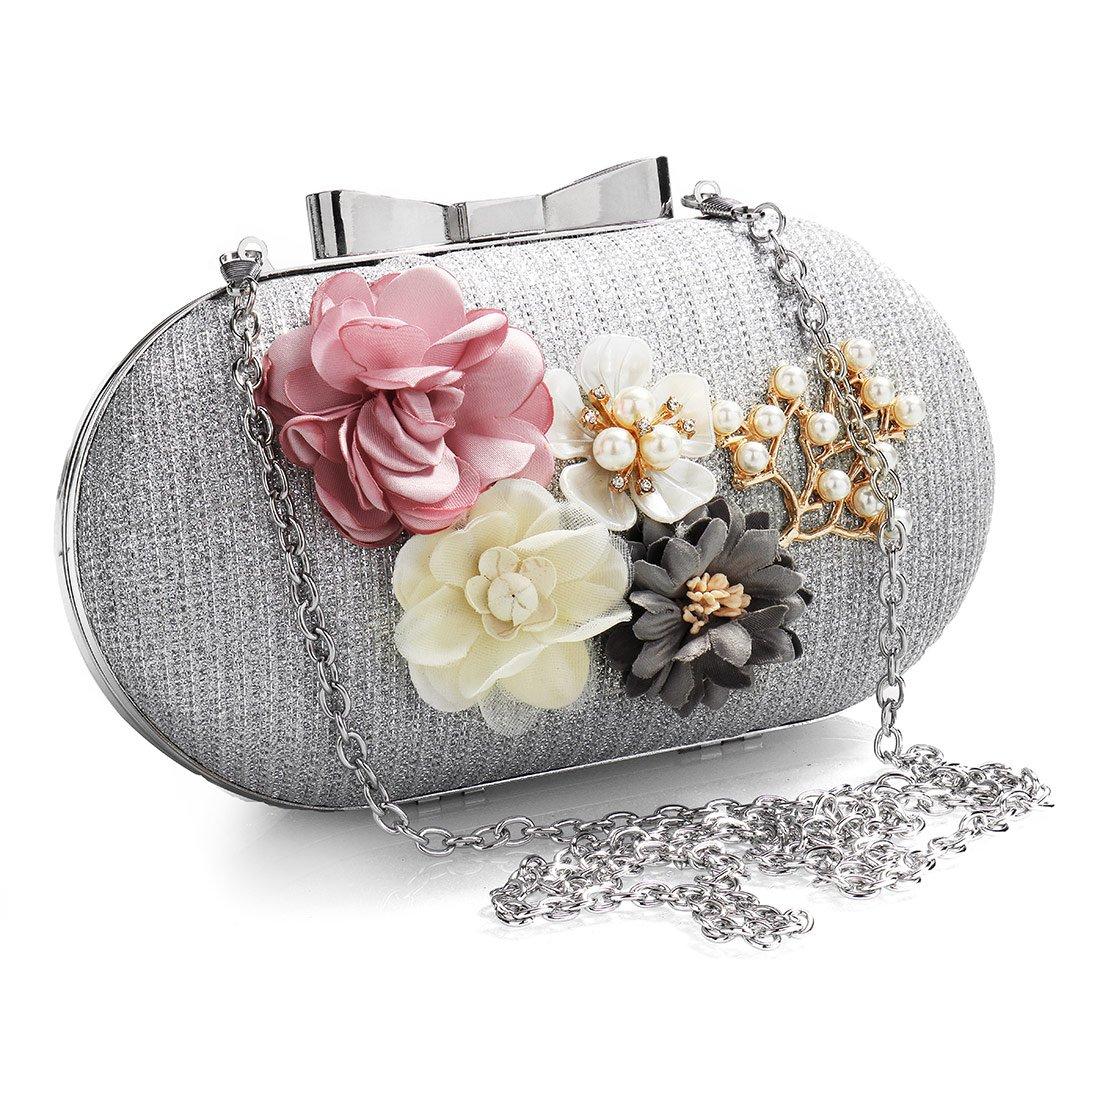 SSMK Evening Bag - Cartera de mano para mujer, color dorado, talla Talla Unica: Amazon.es: Zapatos y complementos